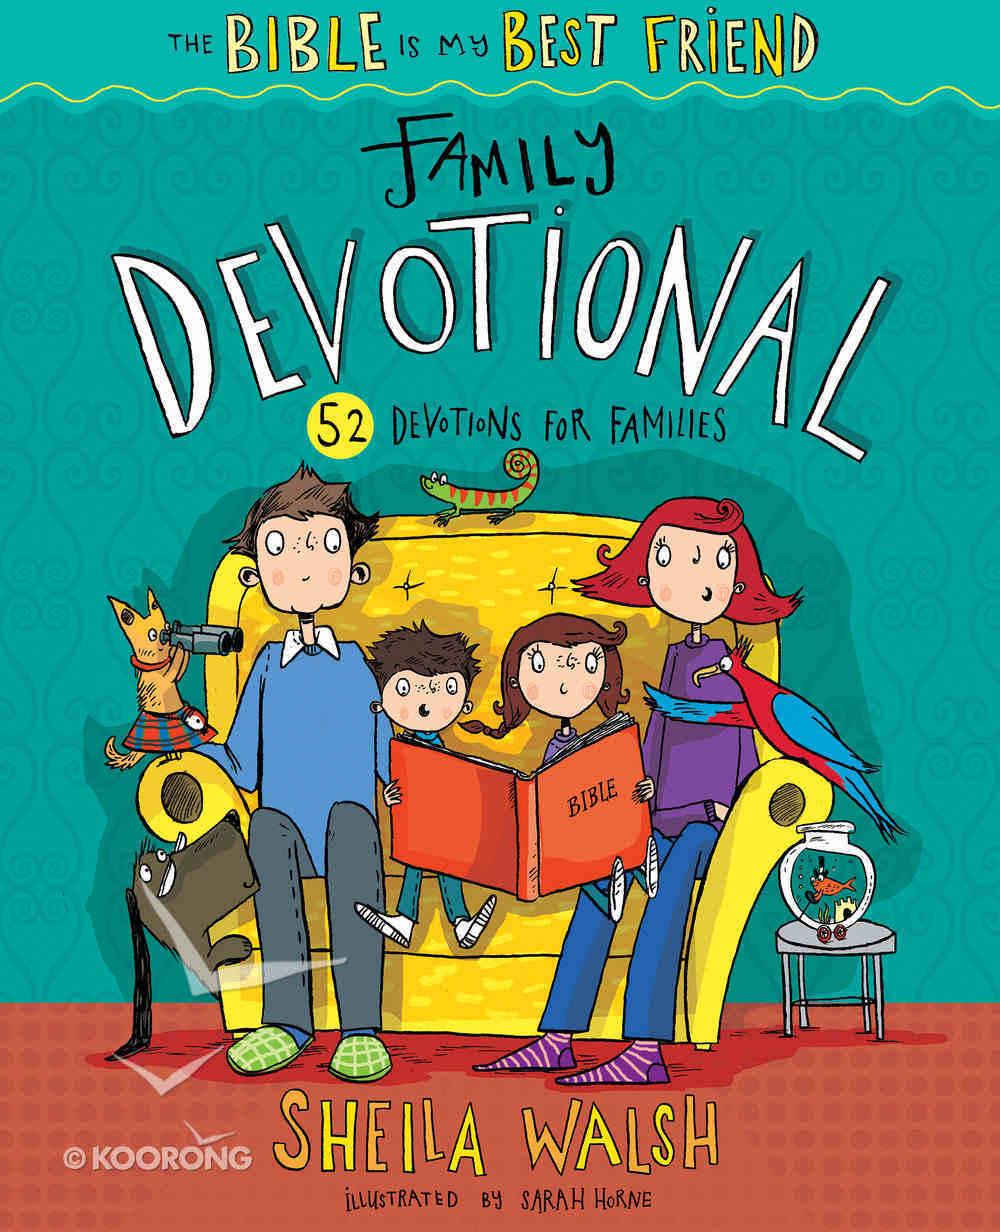 The Bible is My Best Friend Family Devotional Hardback